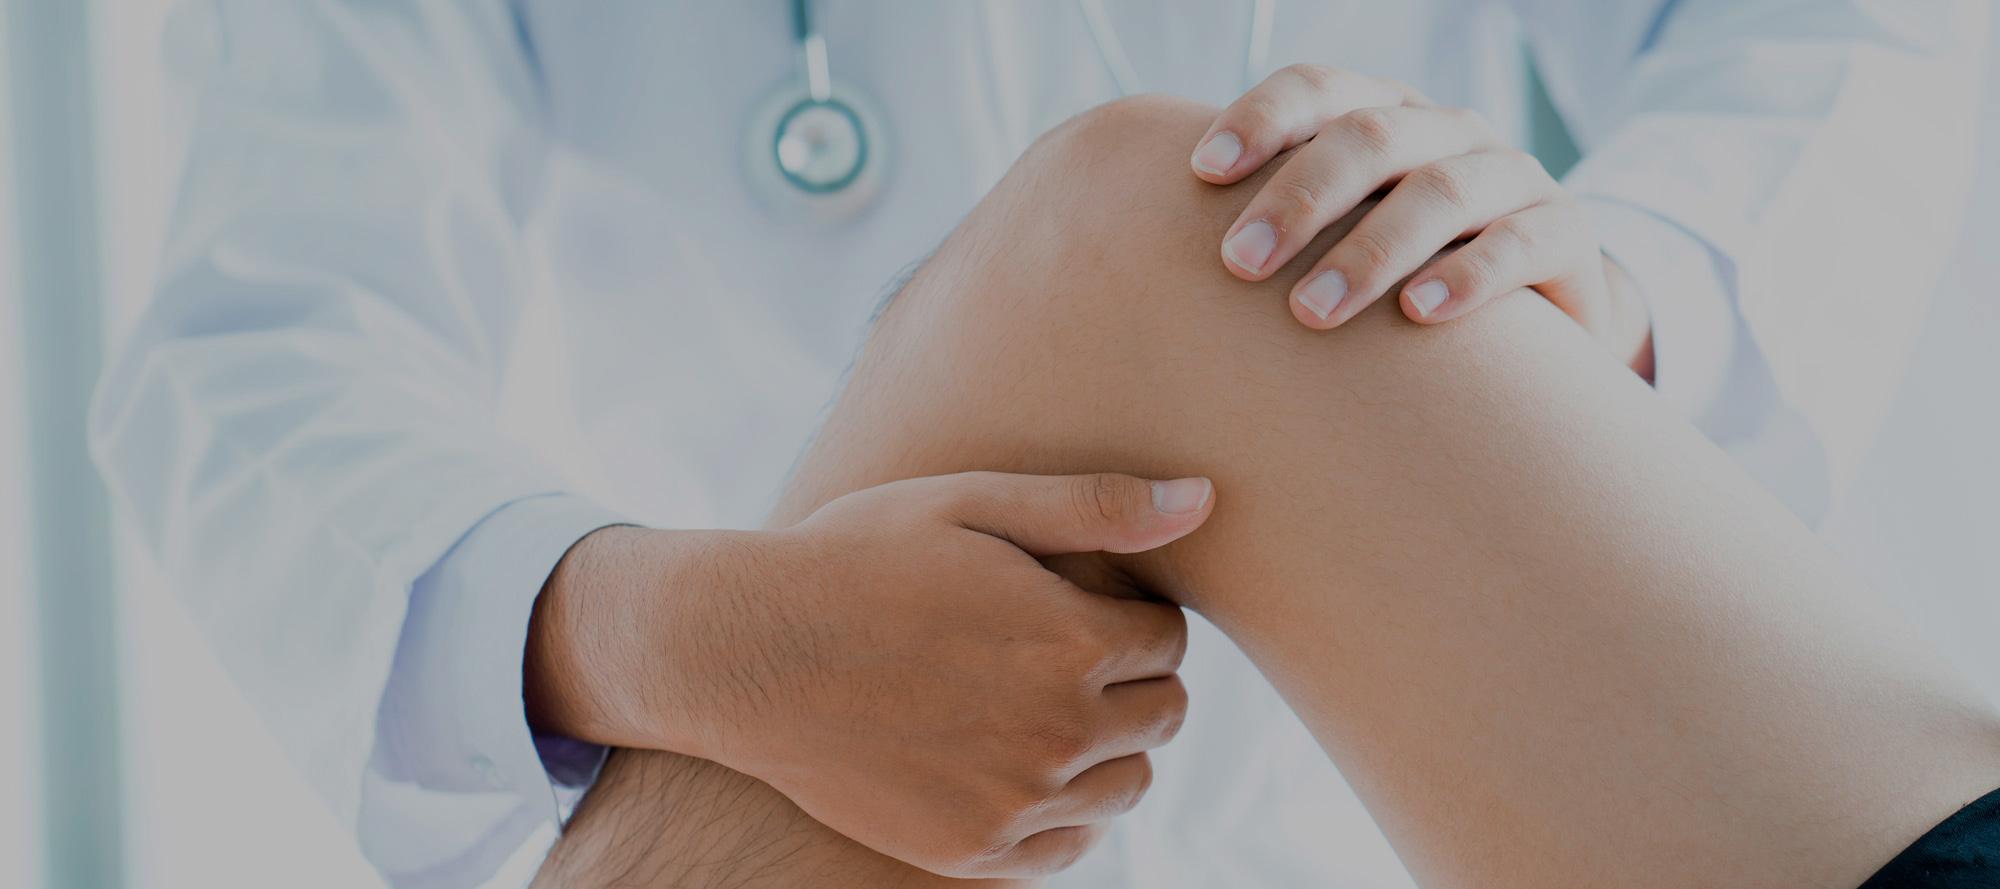 medicina regenerativa articular en madrid